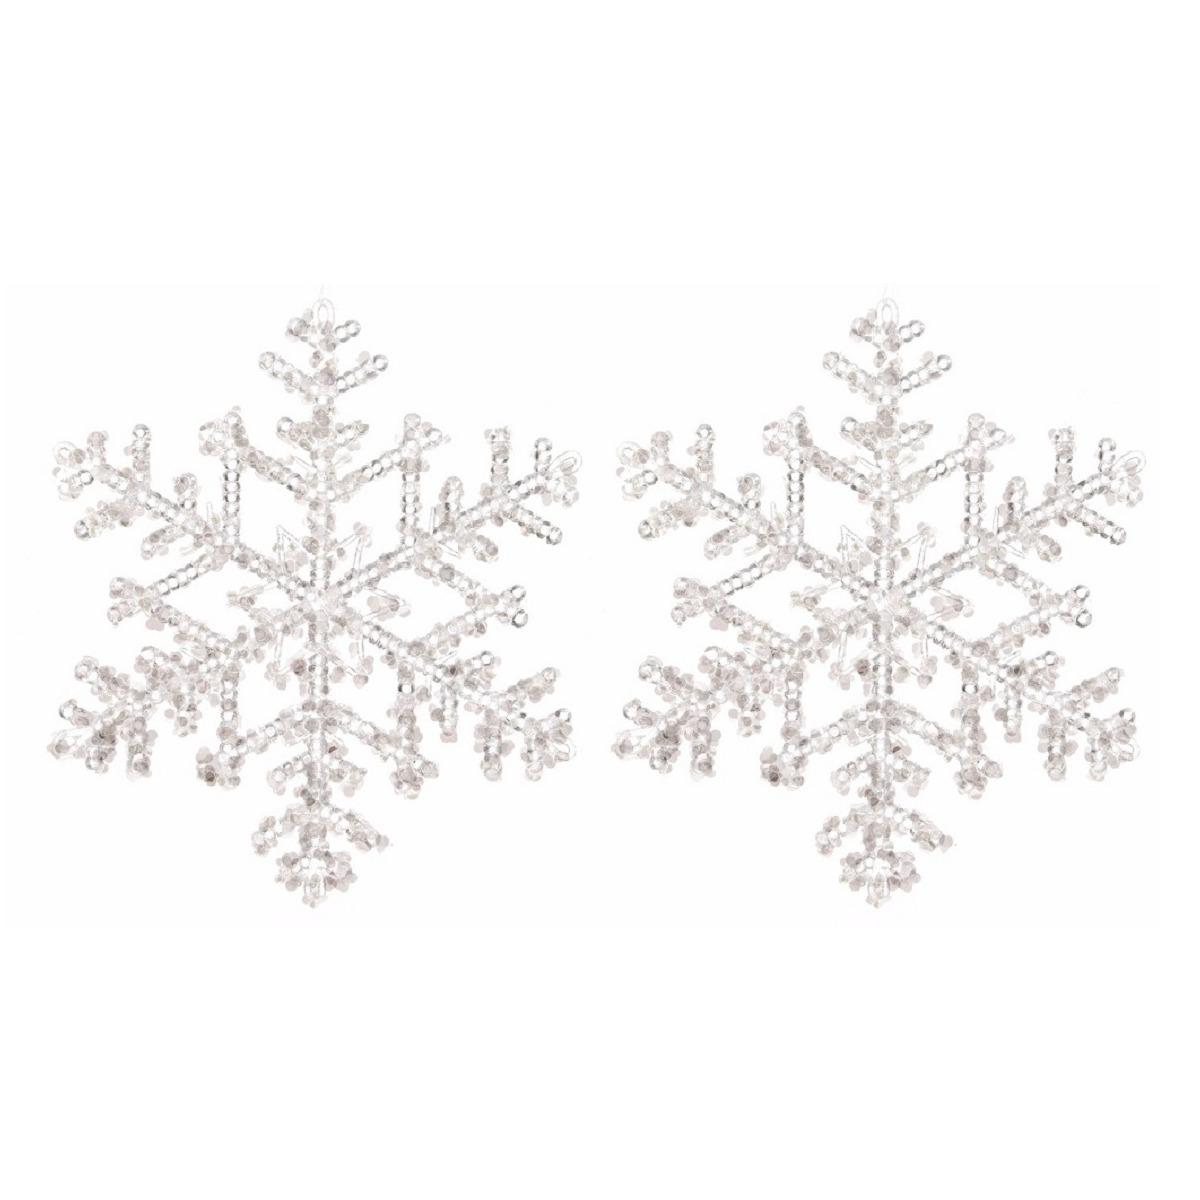 4x Kerstboomdecoratie hanger sneeuwvlok transparant 18 cm